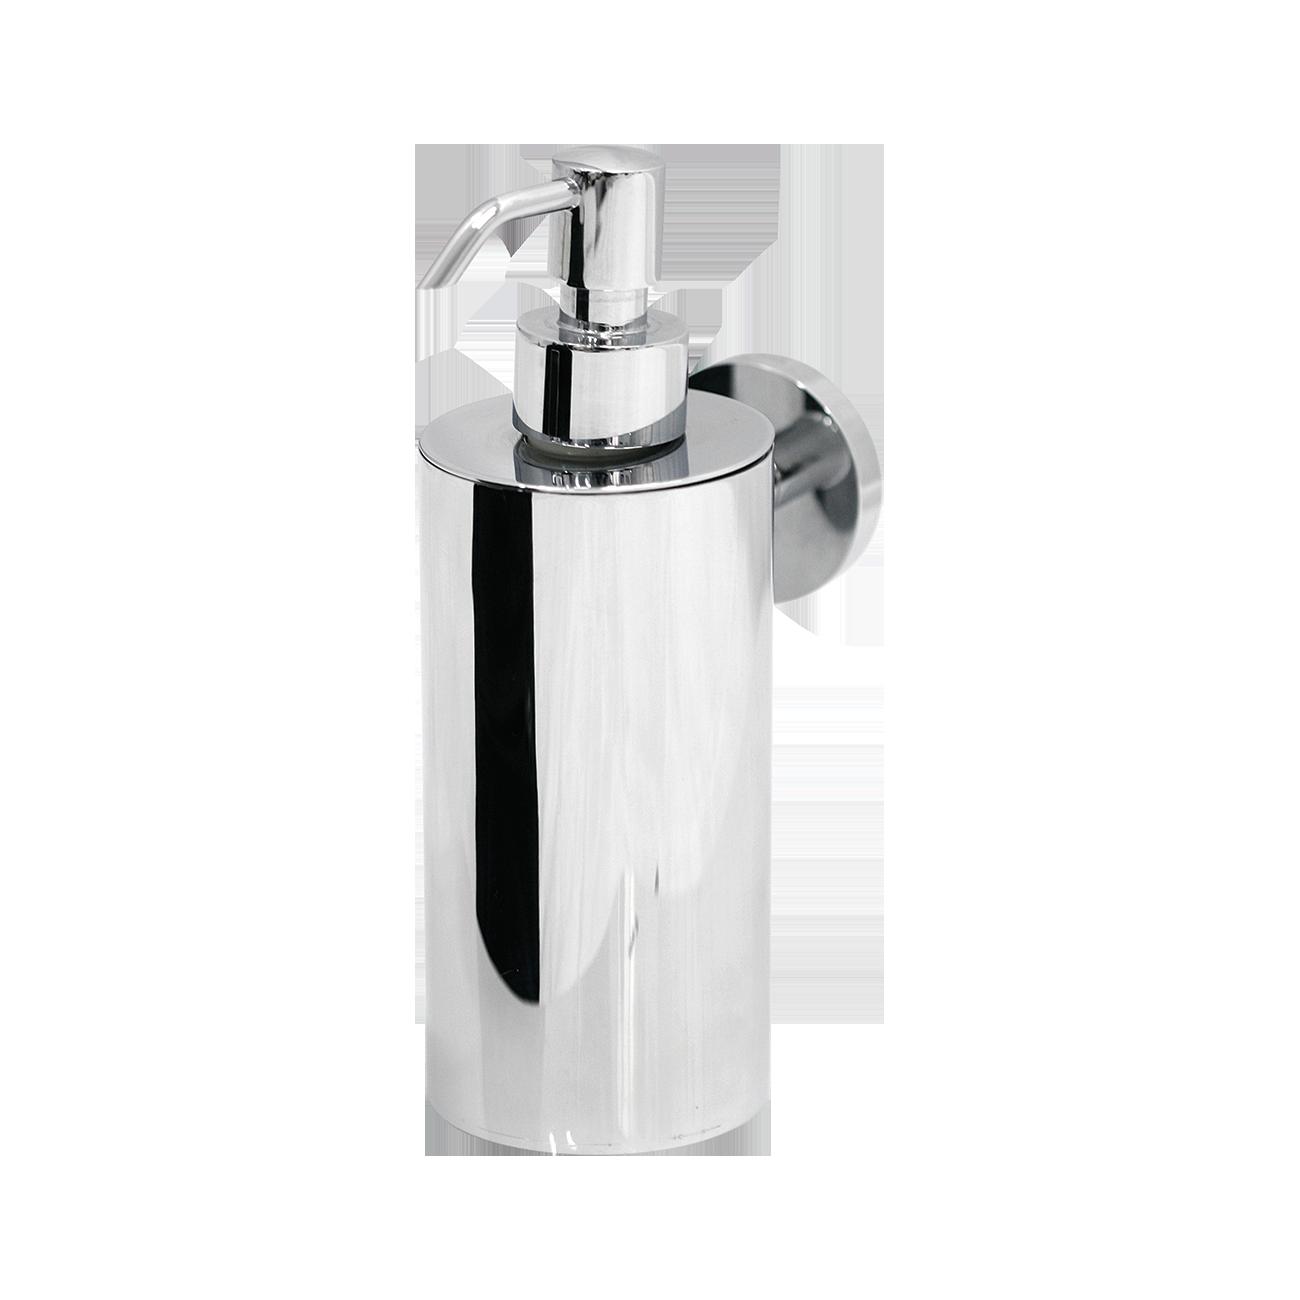 Hộp xà phòng nước gắn tường INAX KFV-25AY